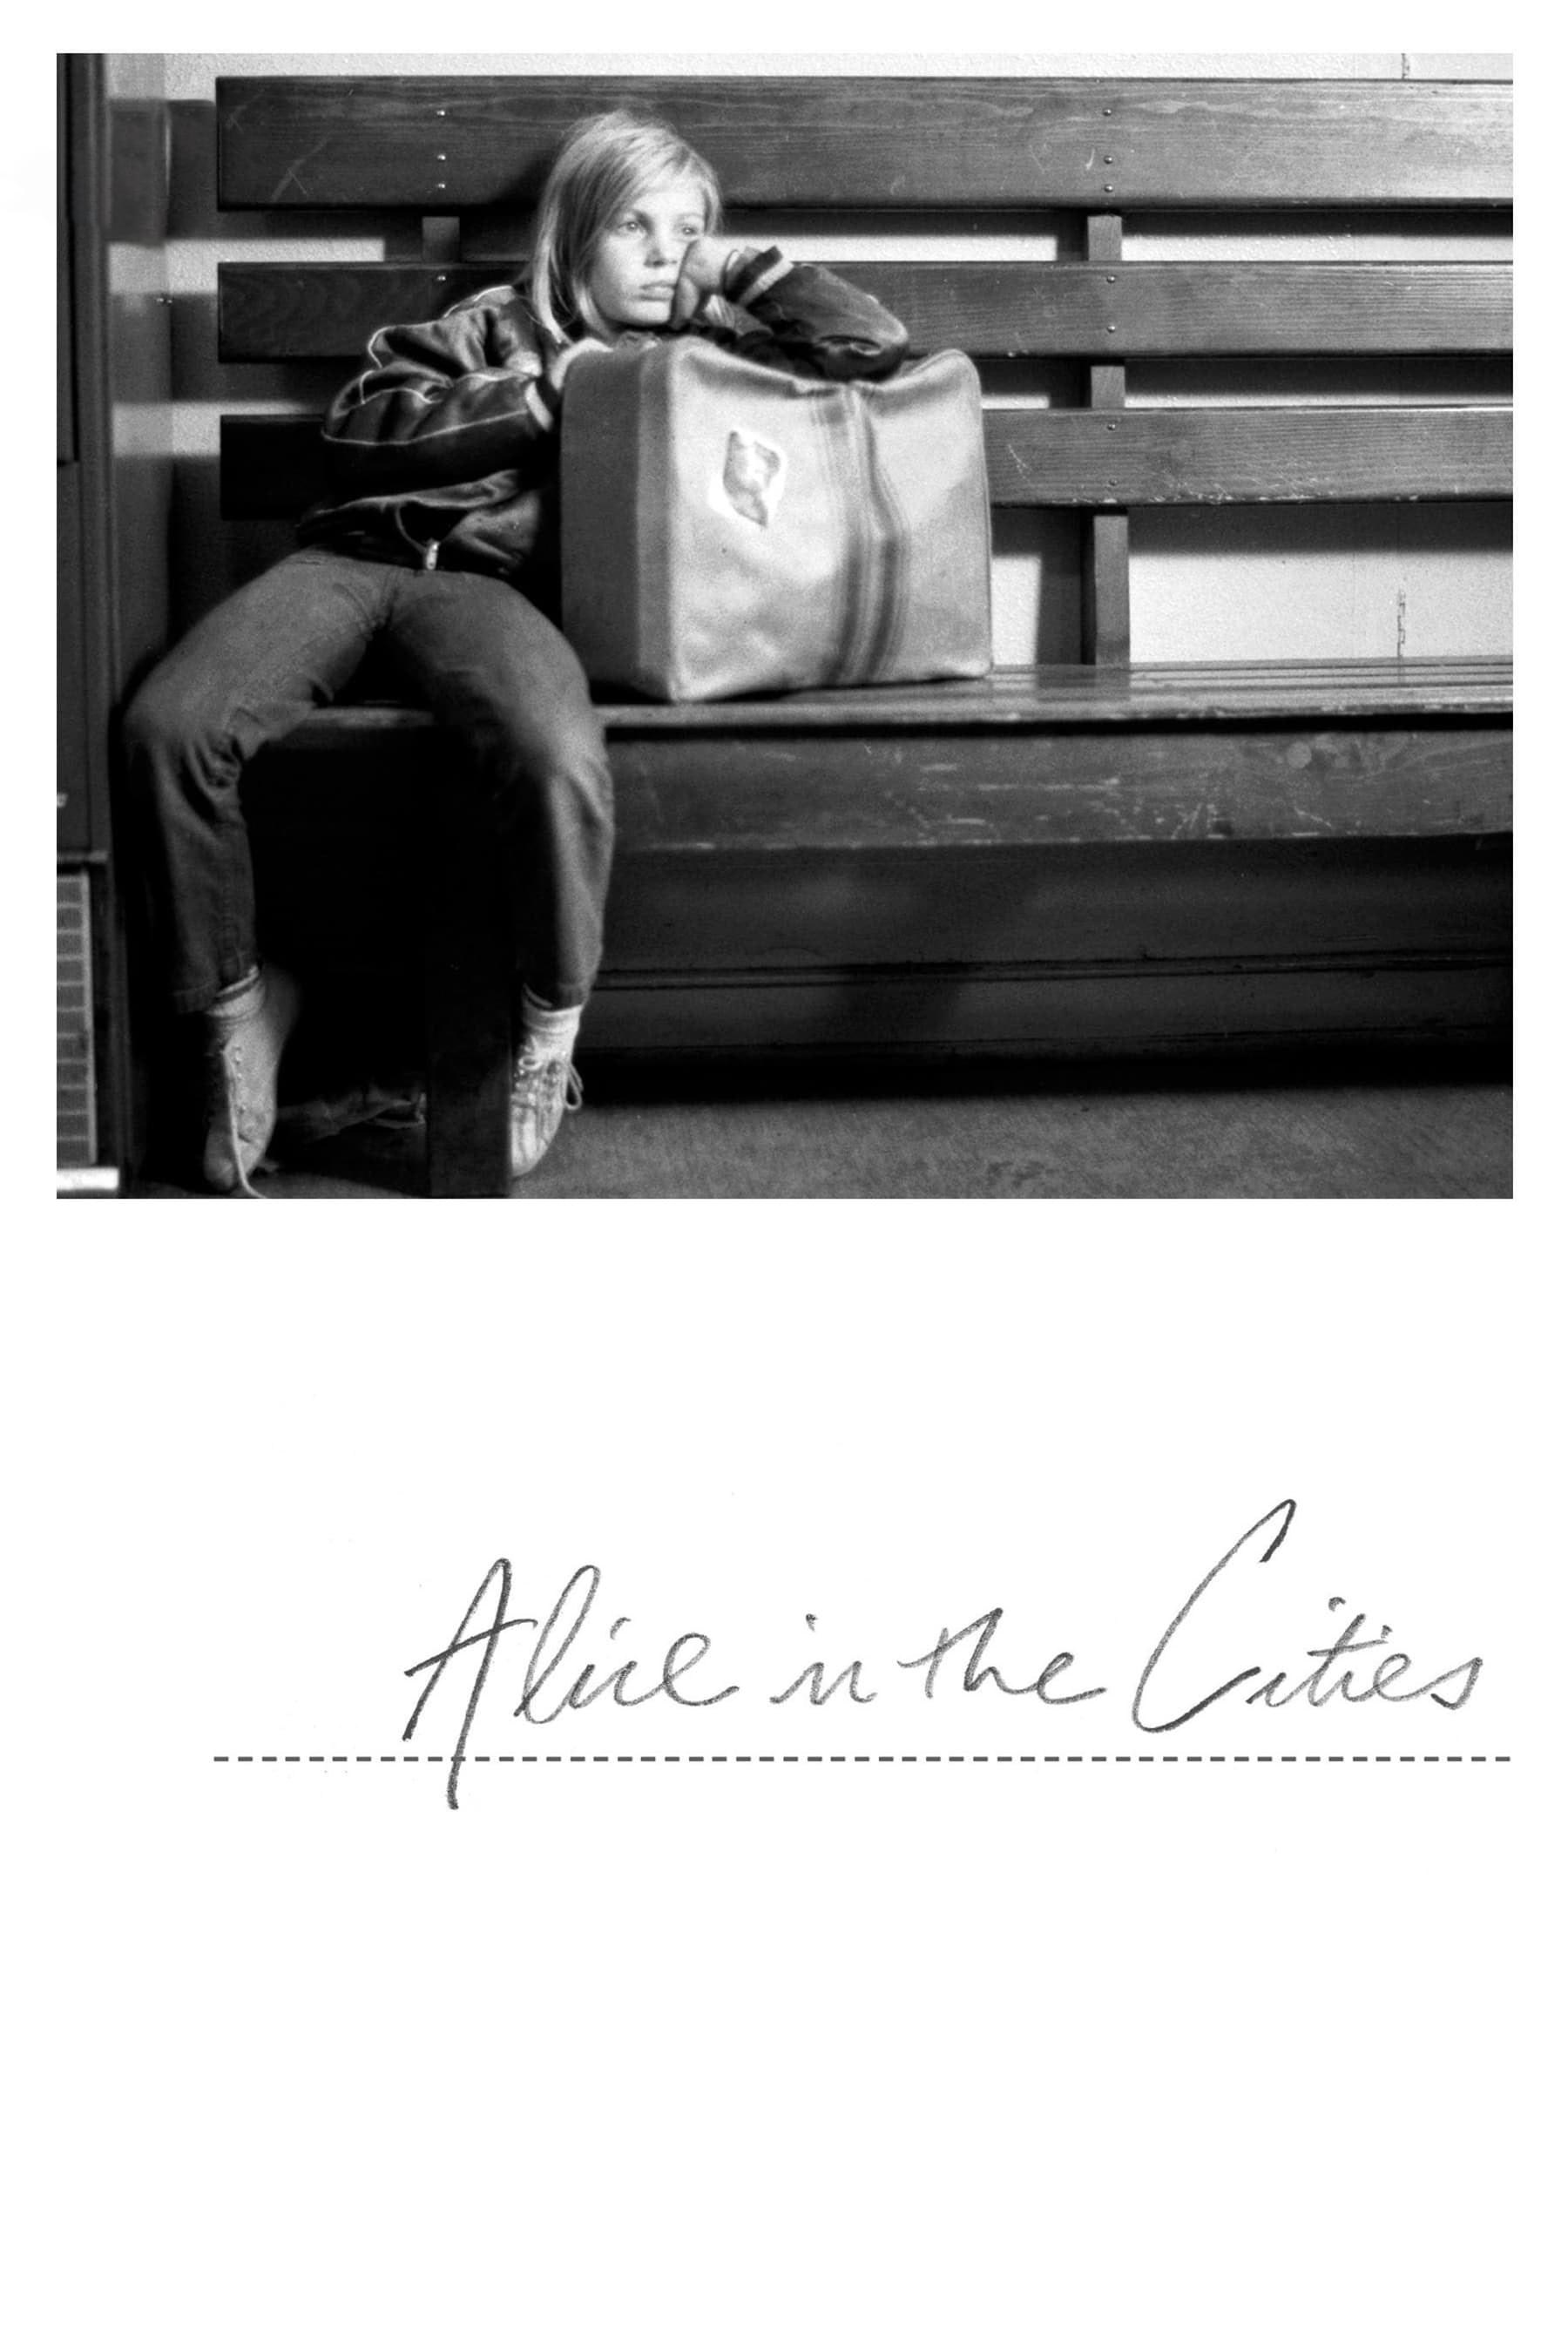 Alicia en las ciudades